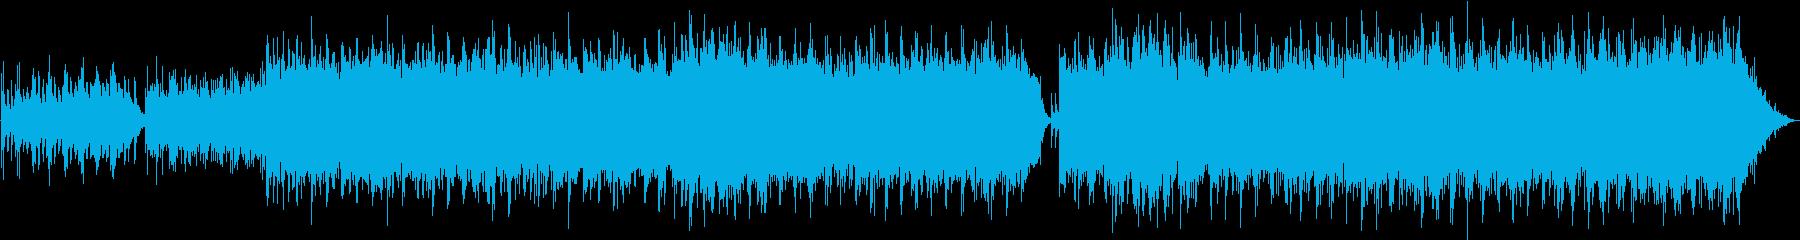 ゆったり流れる川面を眺めてピアノメロディの再生済みの波形